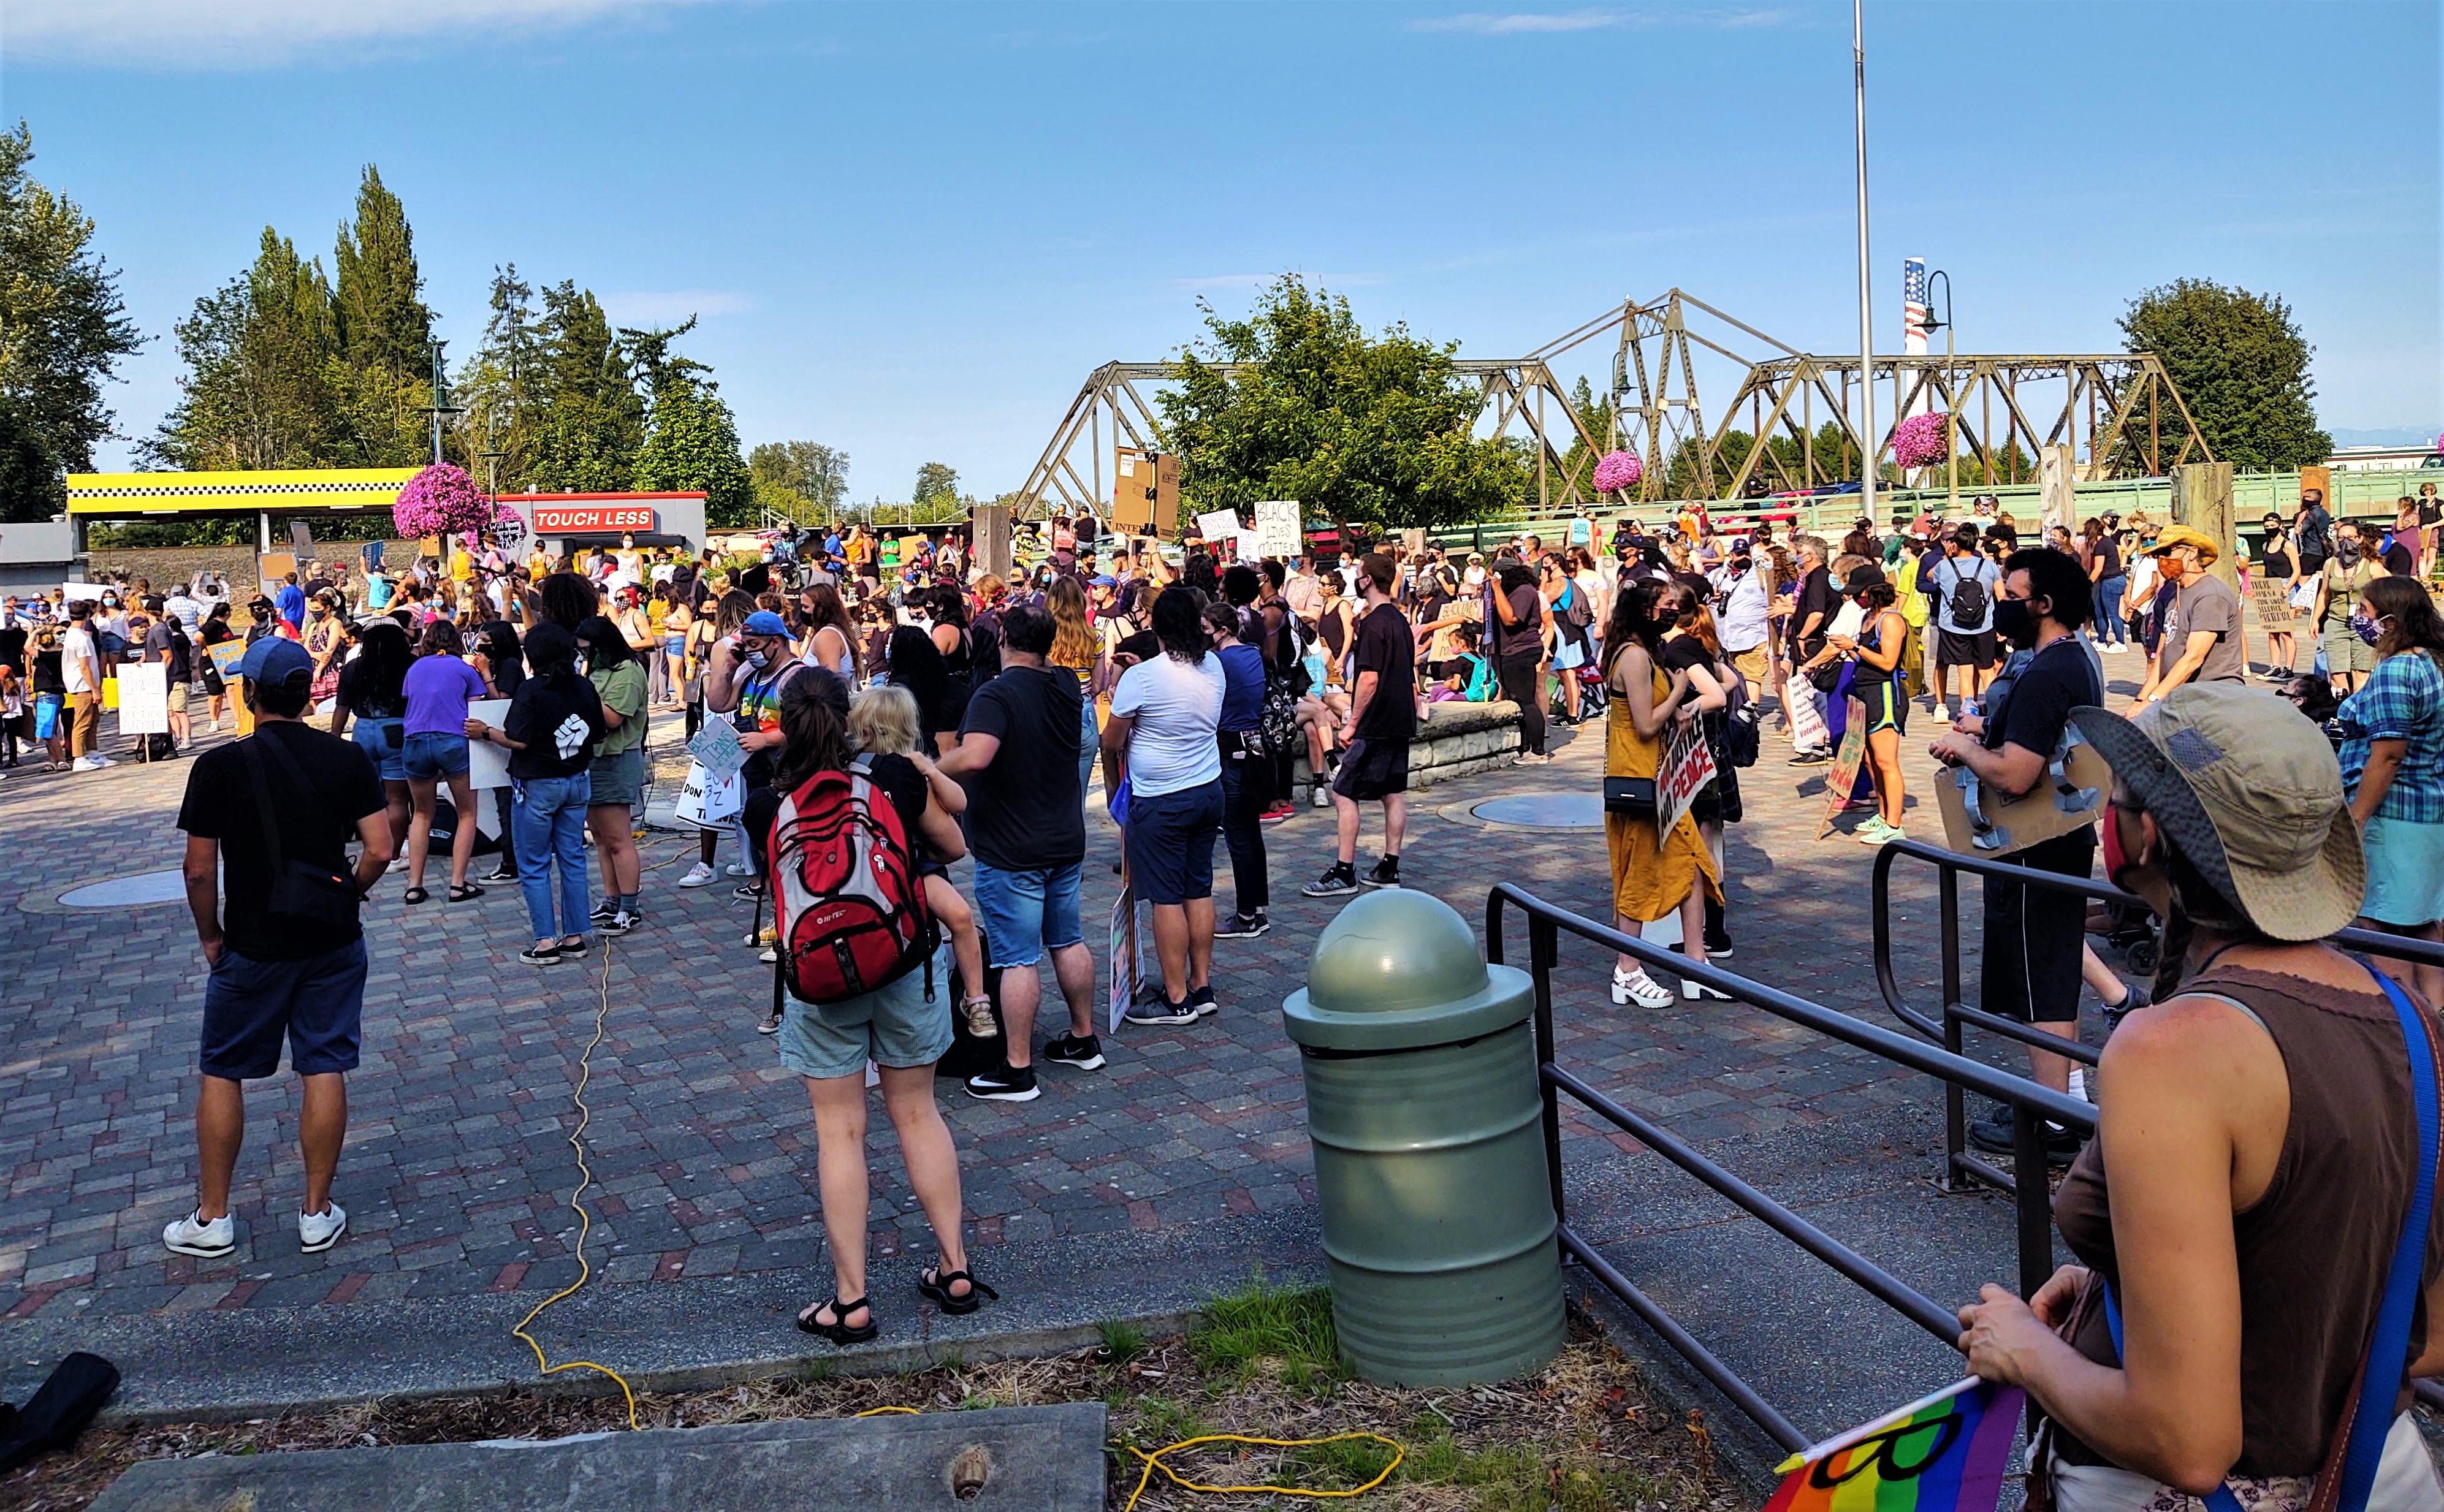 Black Lives Matter rally at Centennial Riverwalk Park (July 31, 2020). Photo: My Ferndale News